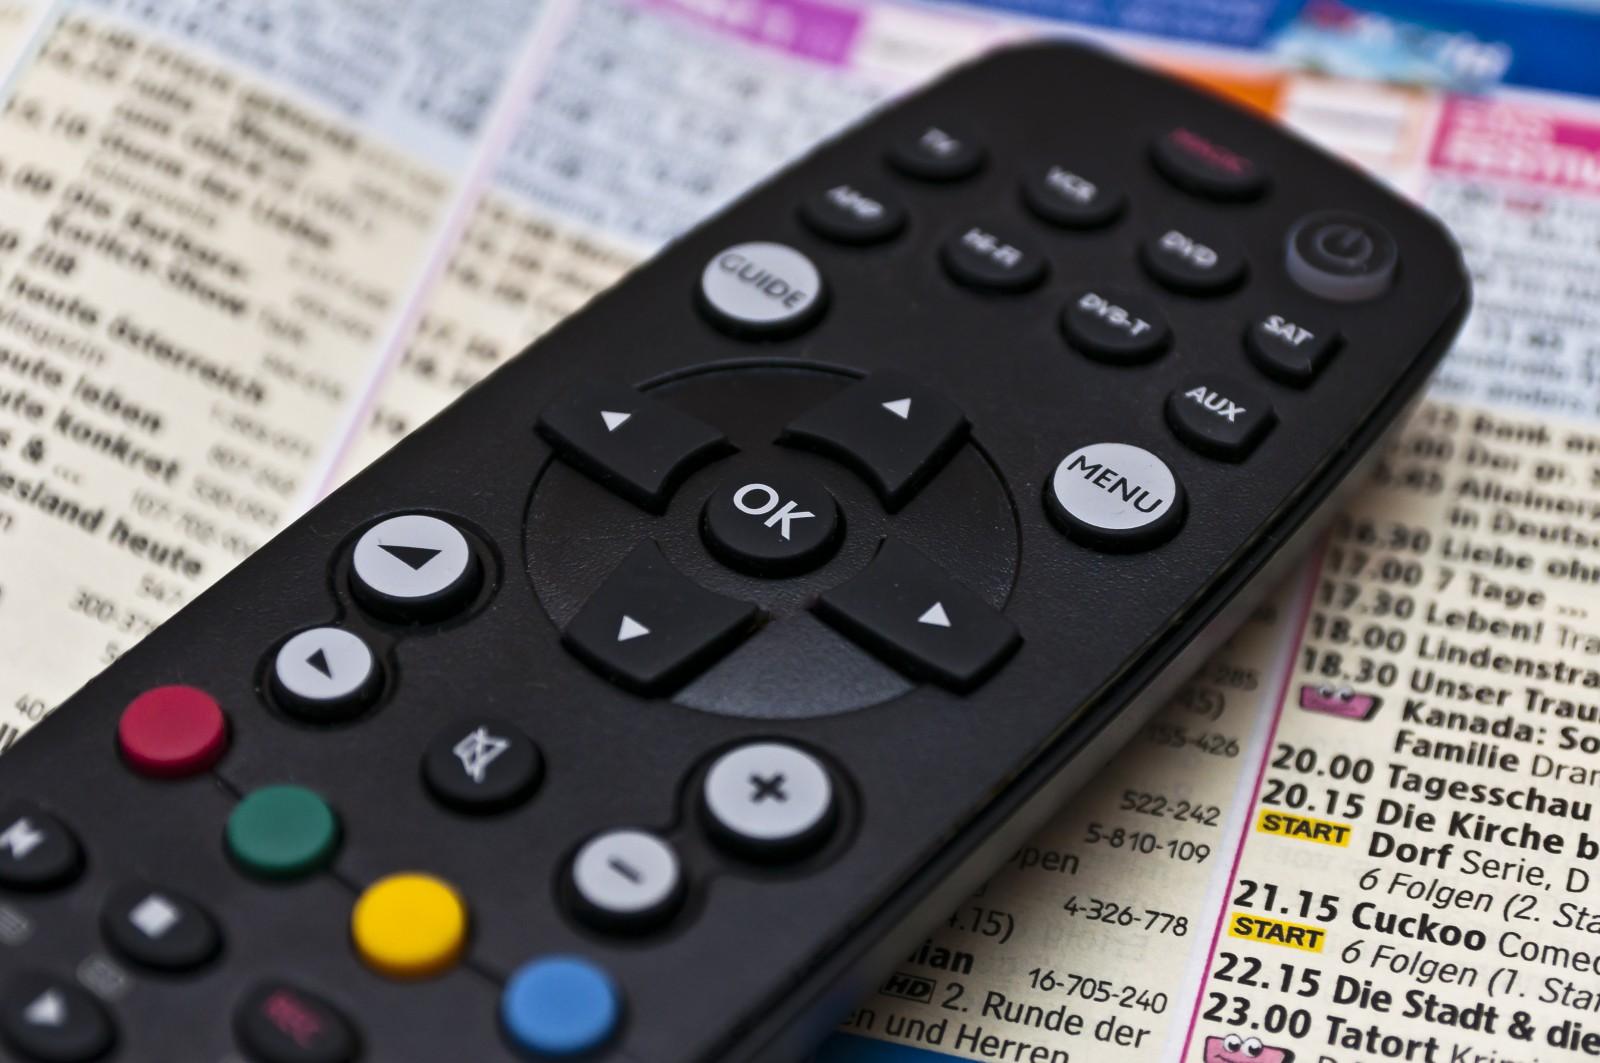 Fernsehprogramm und Fernbedienung